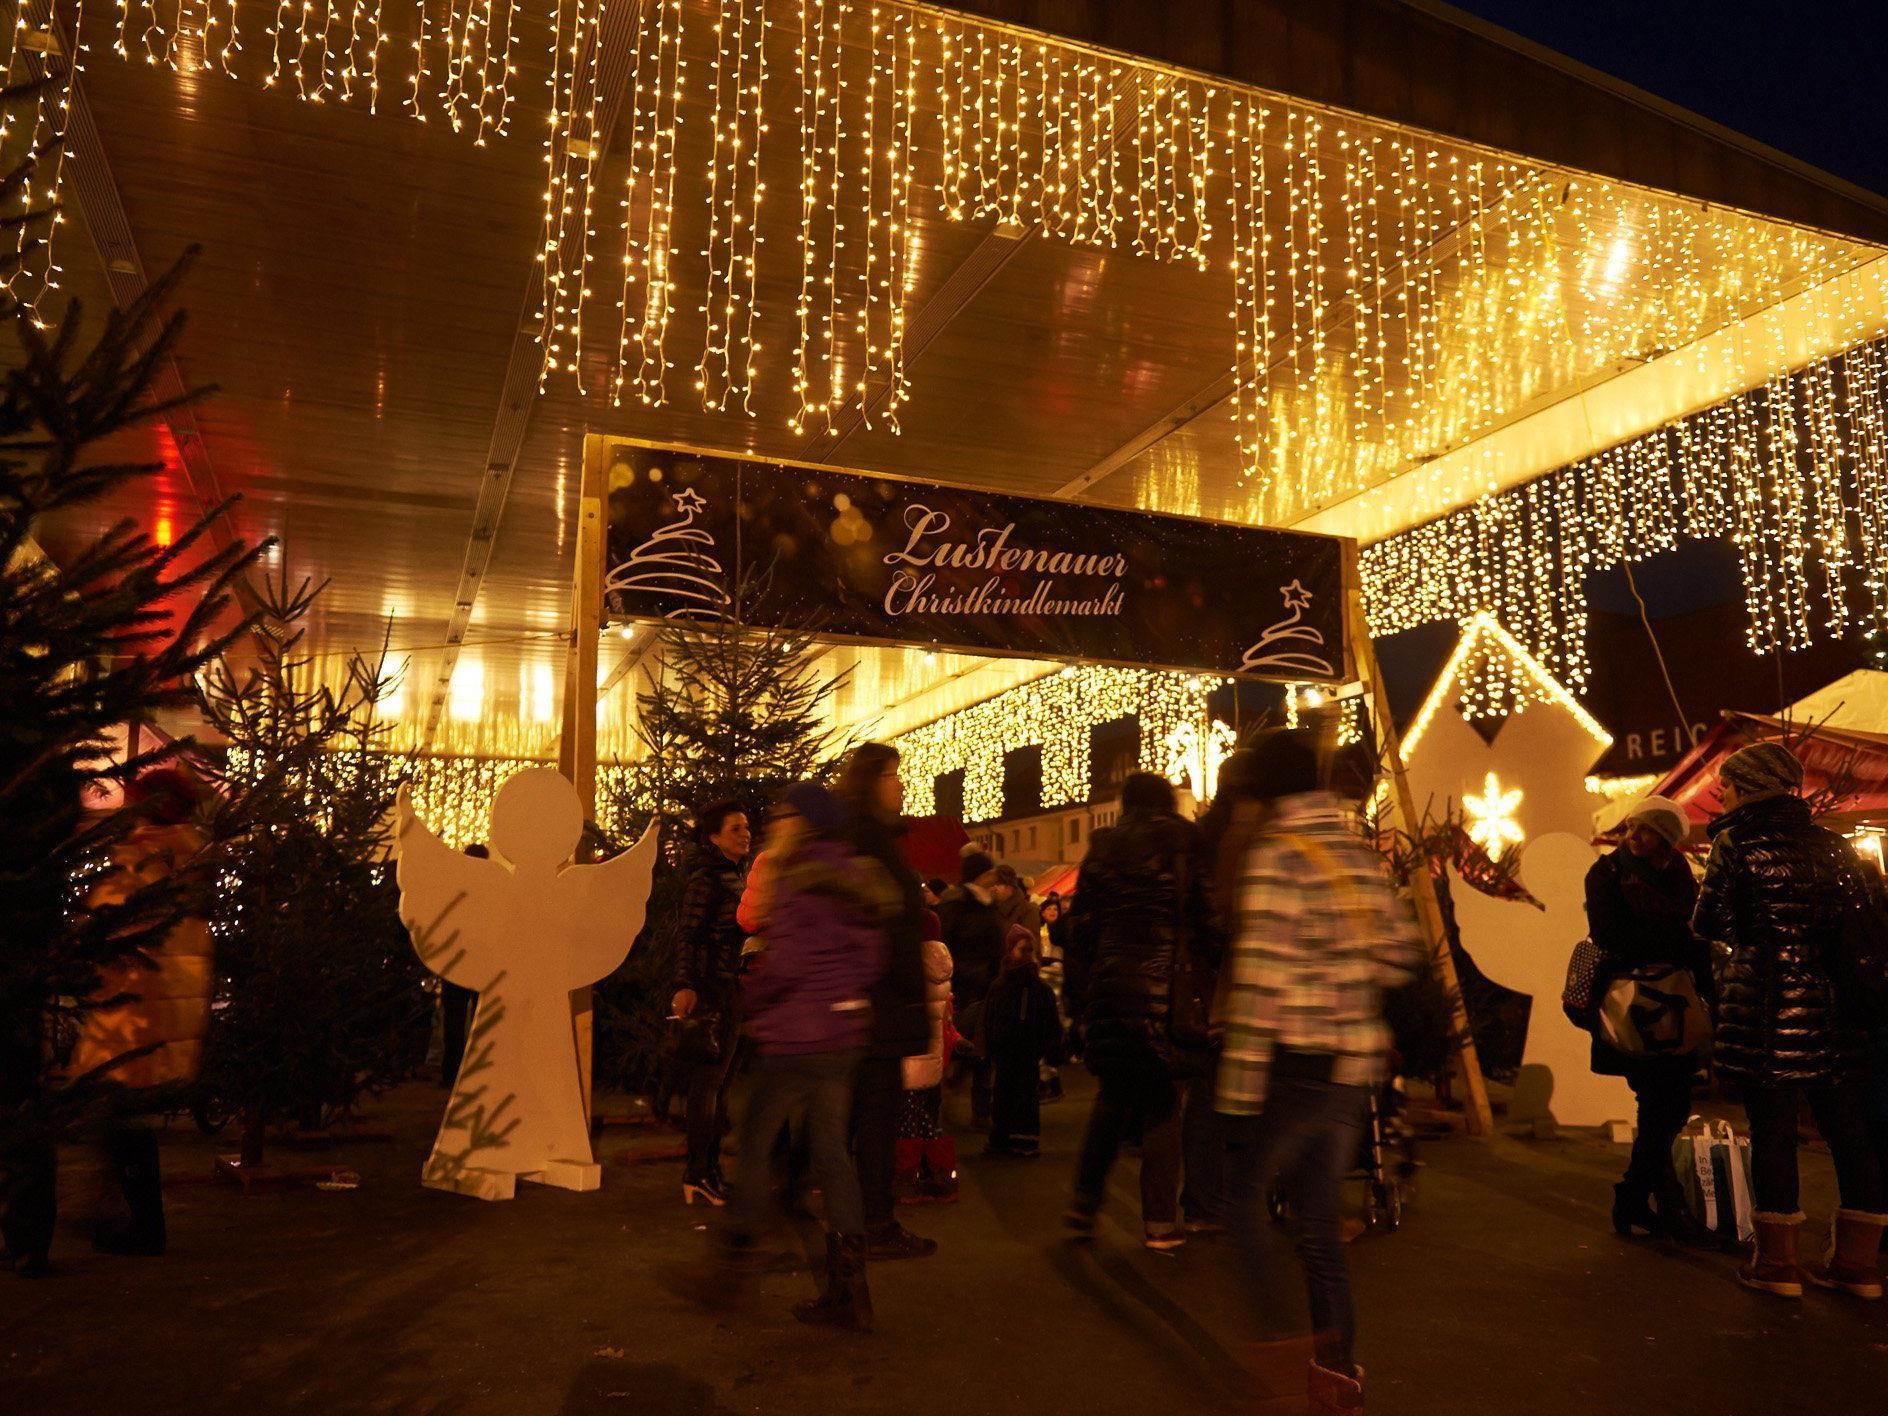 Vom 28. bis 30. November findet in Lustenau der Christkindlmarkt mit Krippenausstellung statt.